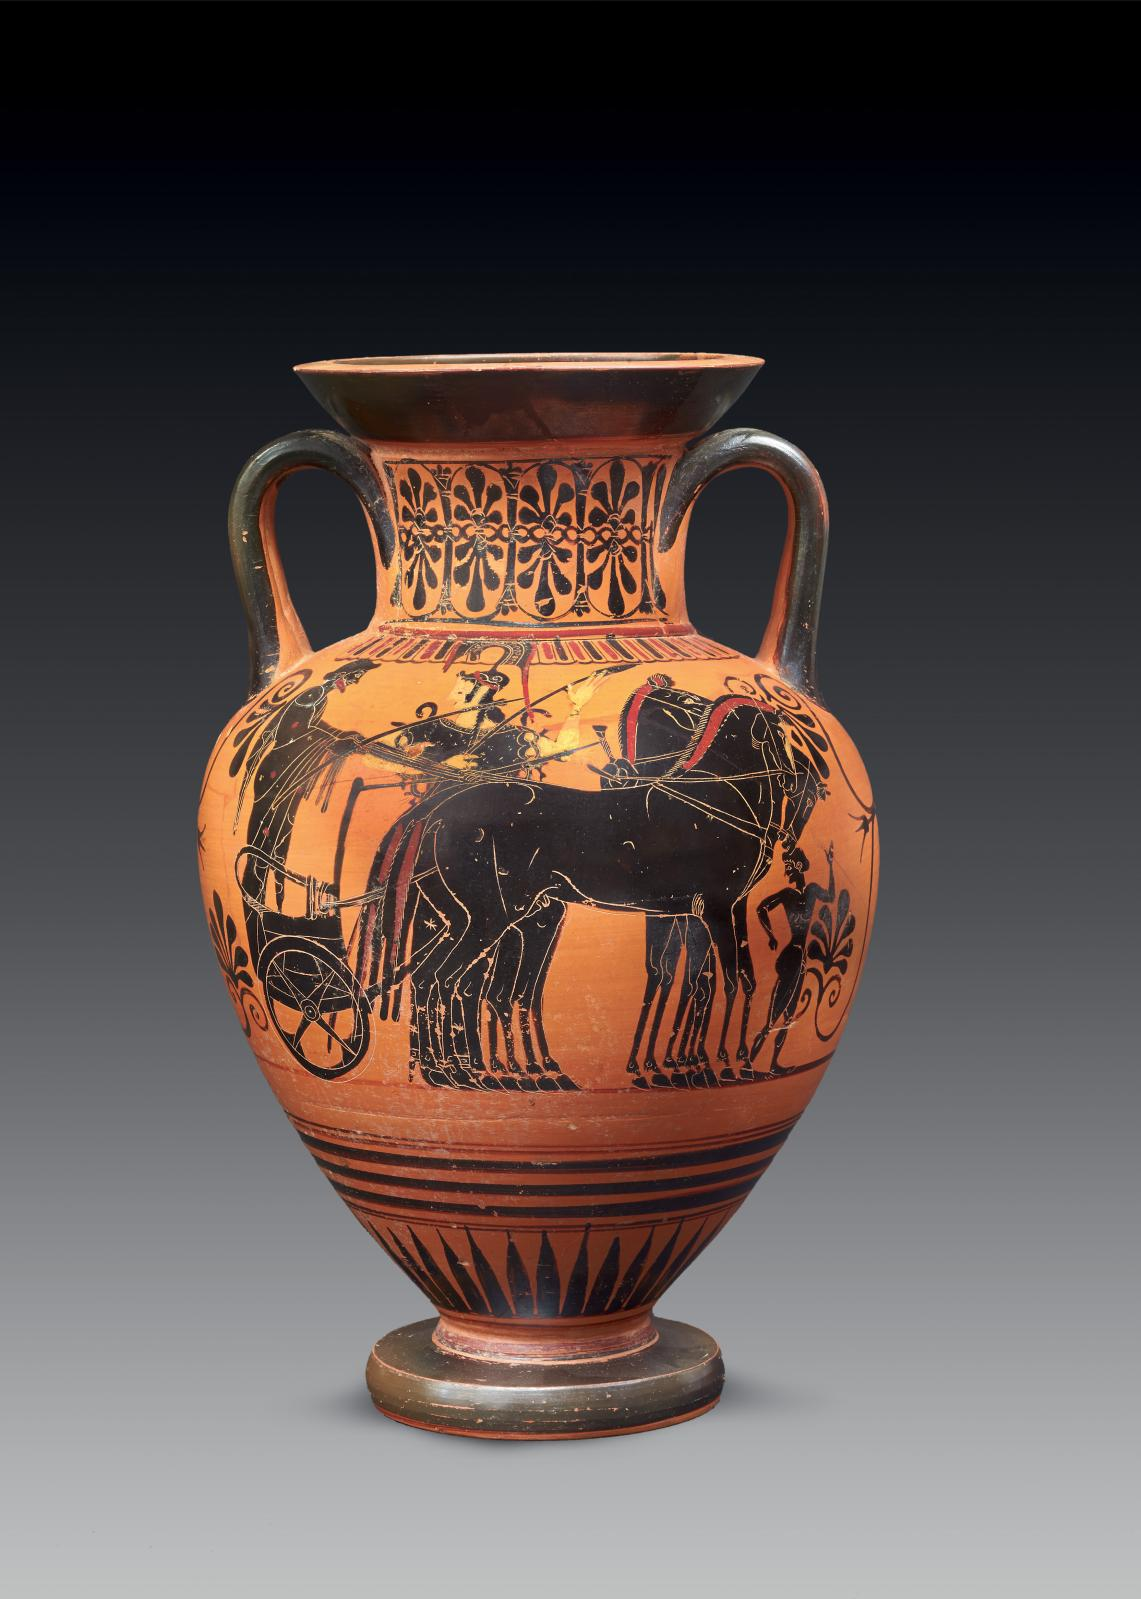 Grèce, vers 520-510 av. J.-C., attribuée à l'entourage du Peintre d'Antiménès. Amphore attique à figures noires décorée d'un côté d'un quadrige en pré